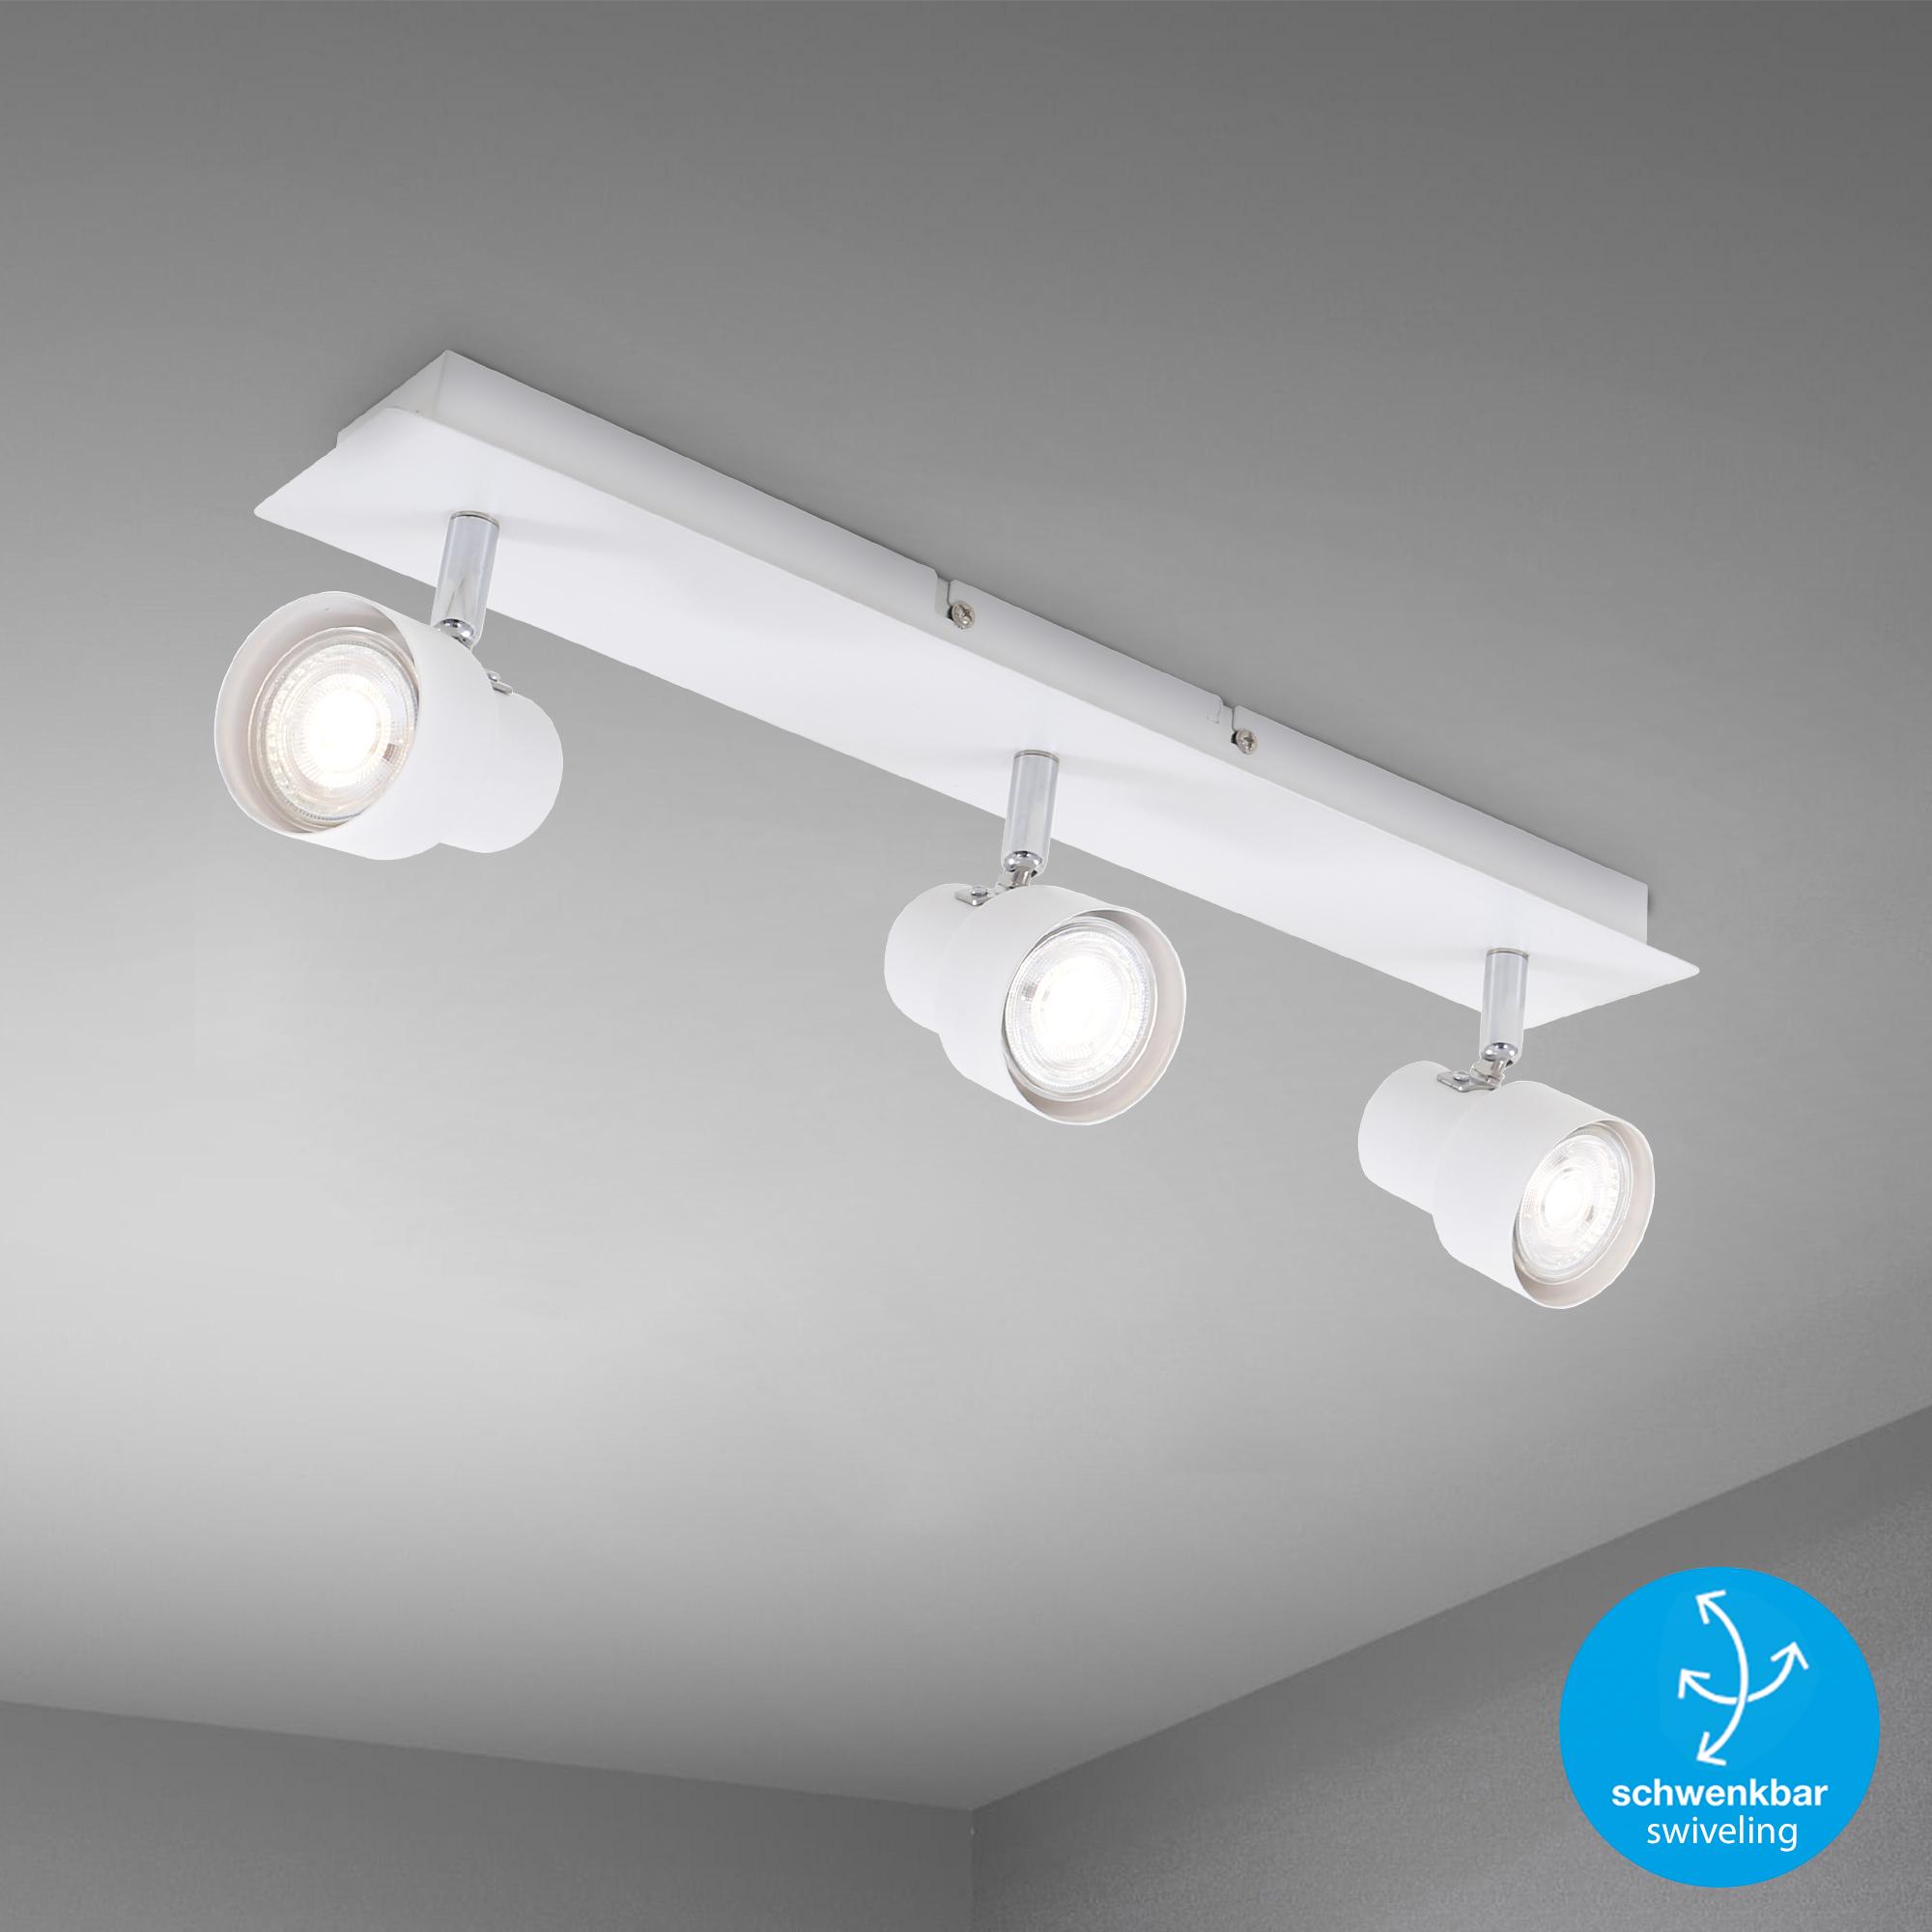 LED Spot Deckenleuchte Weiß